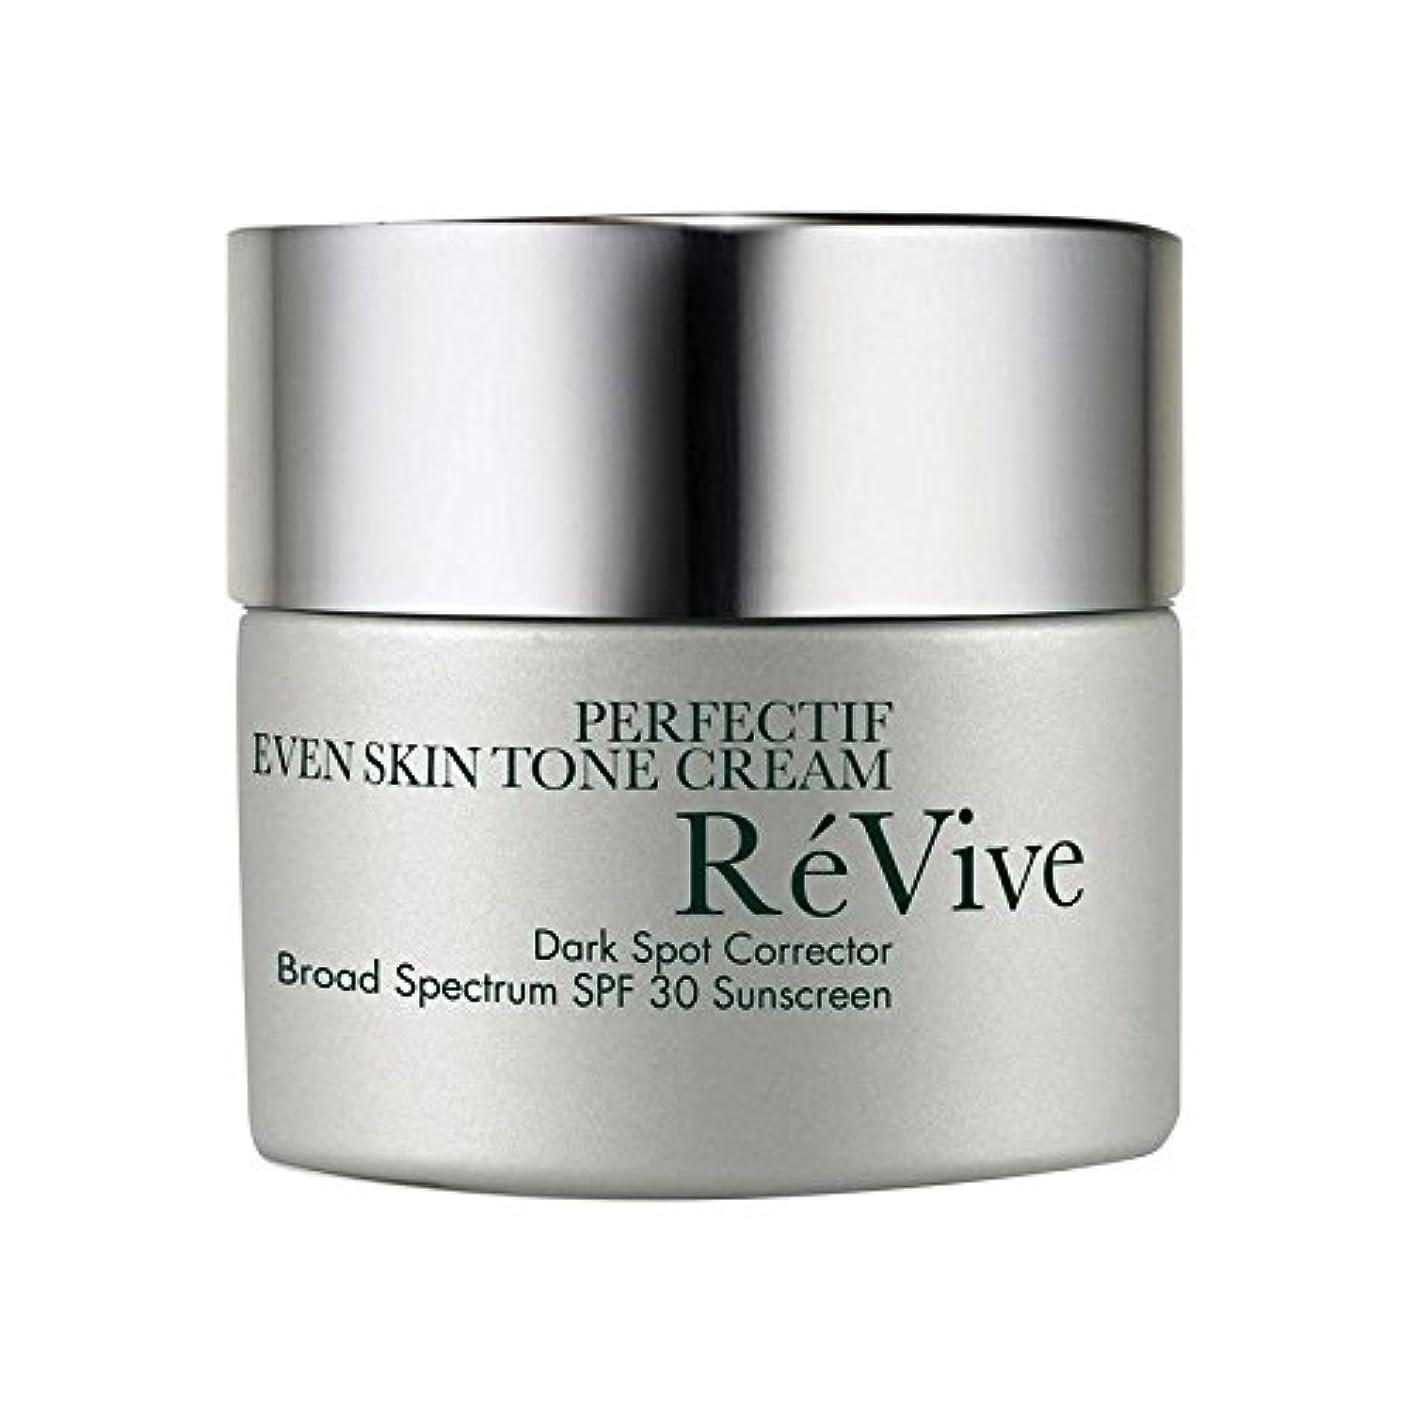 ジャグリング書店膿瘍リヴィーブ Perfectif Even Skin Tone Cream - Dark Spot Corrector SPF 30 50g/1.7oz並行輸入品